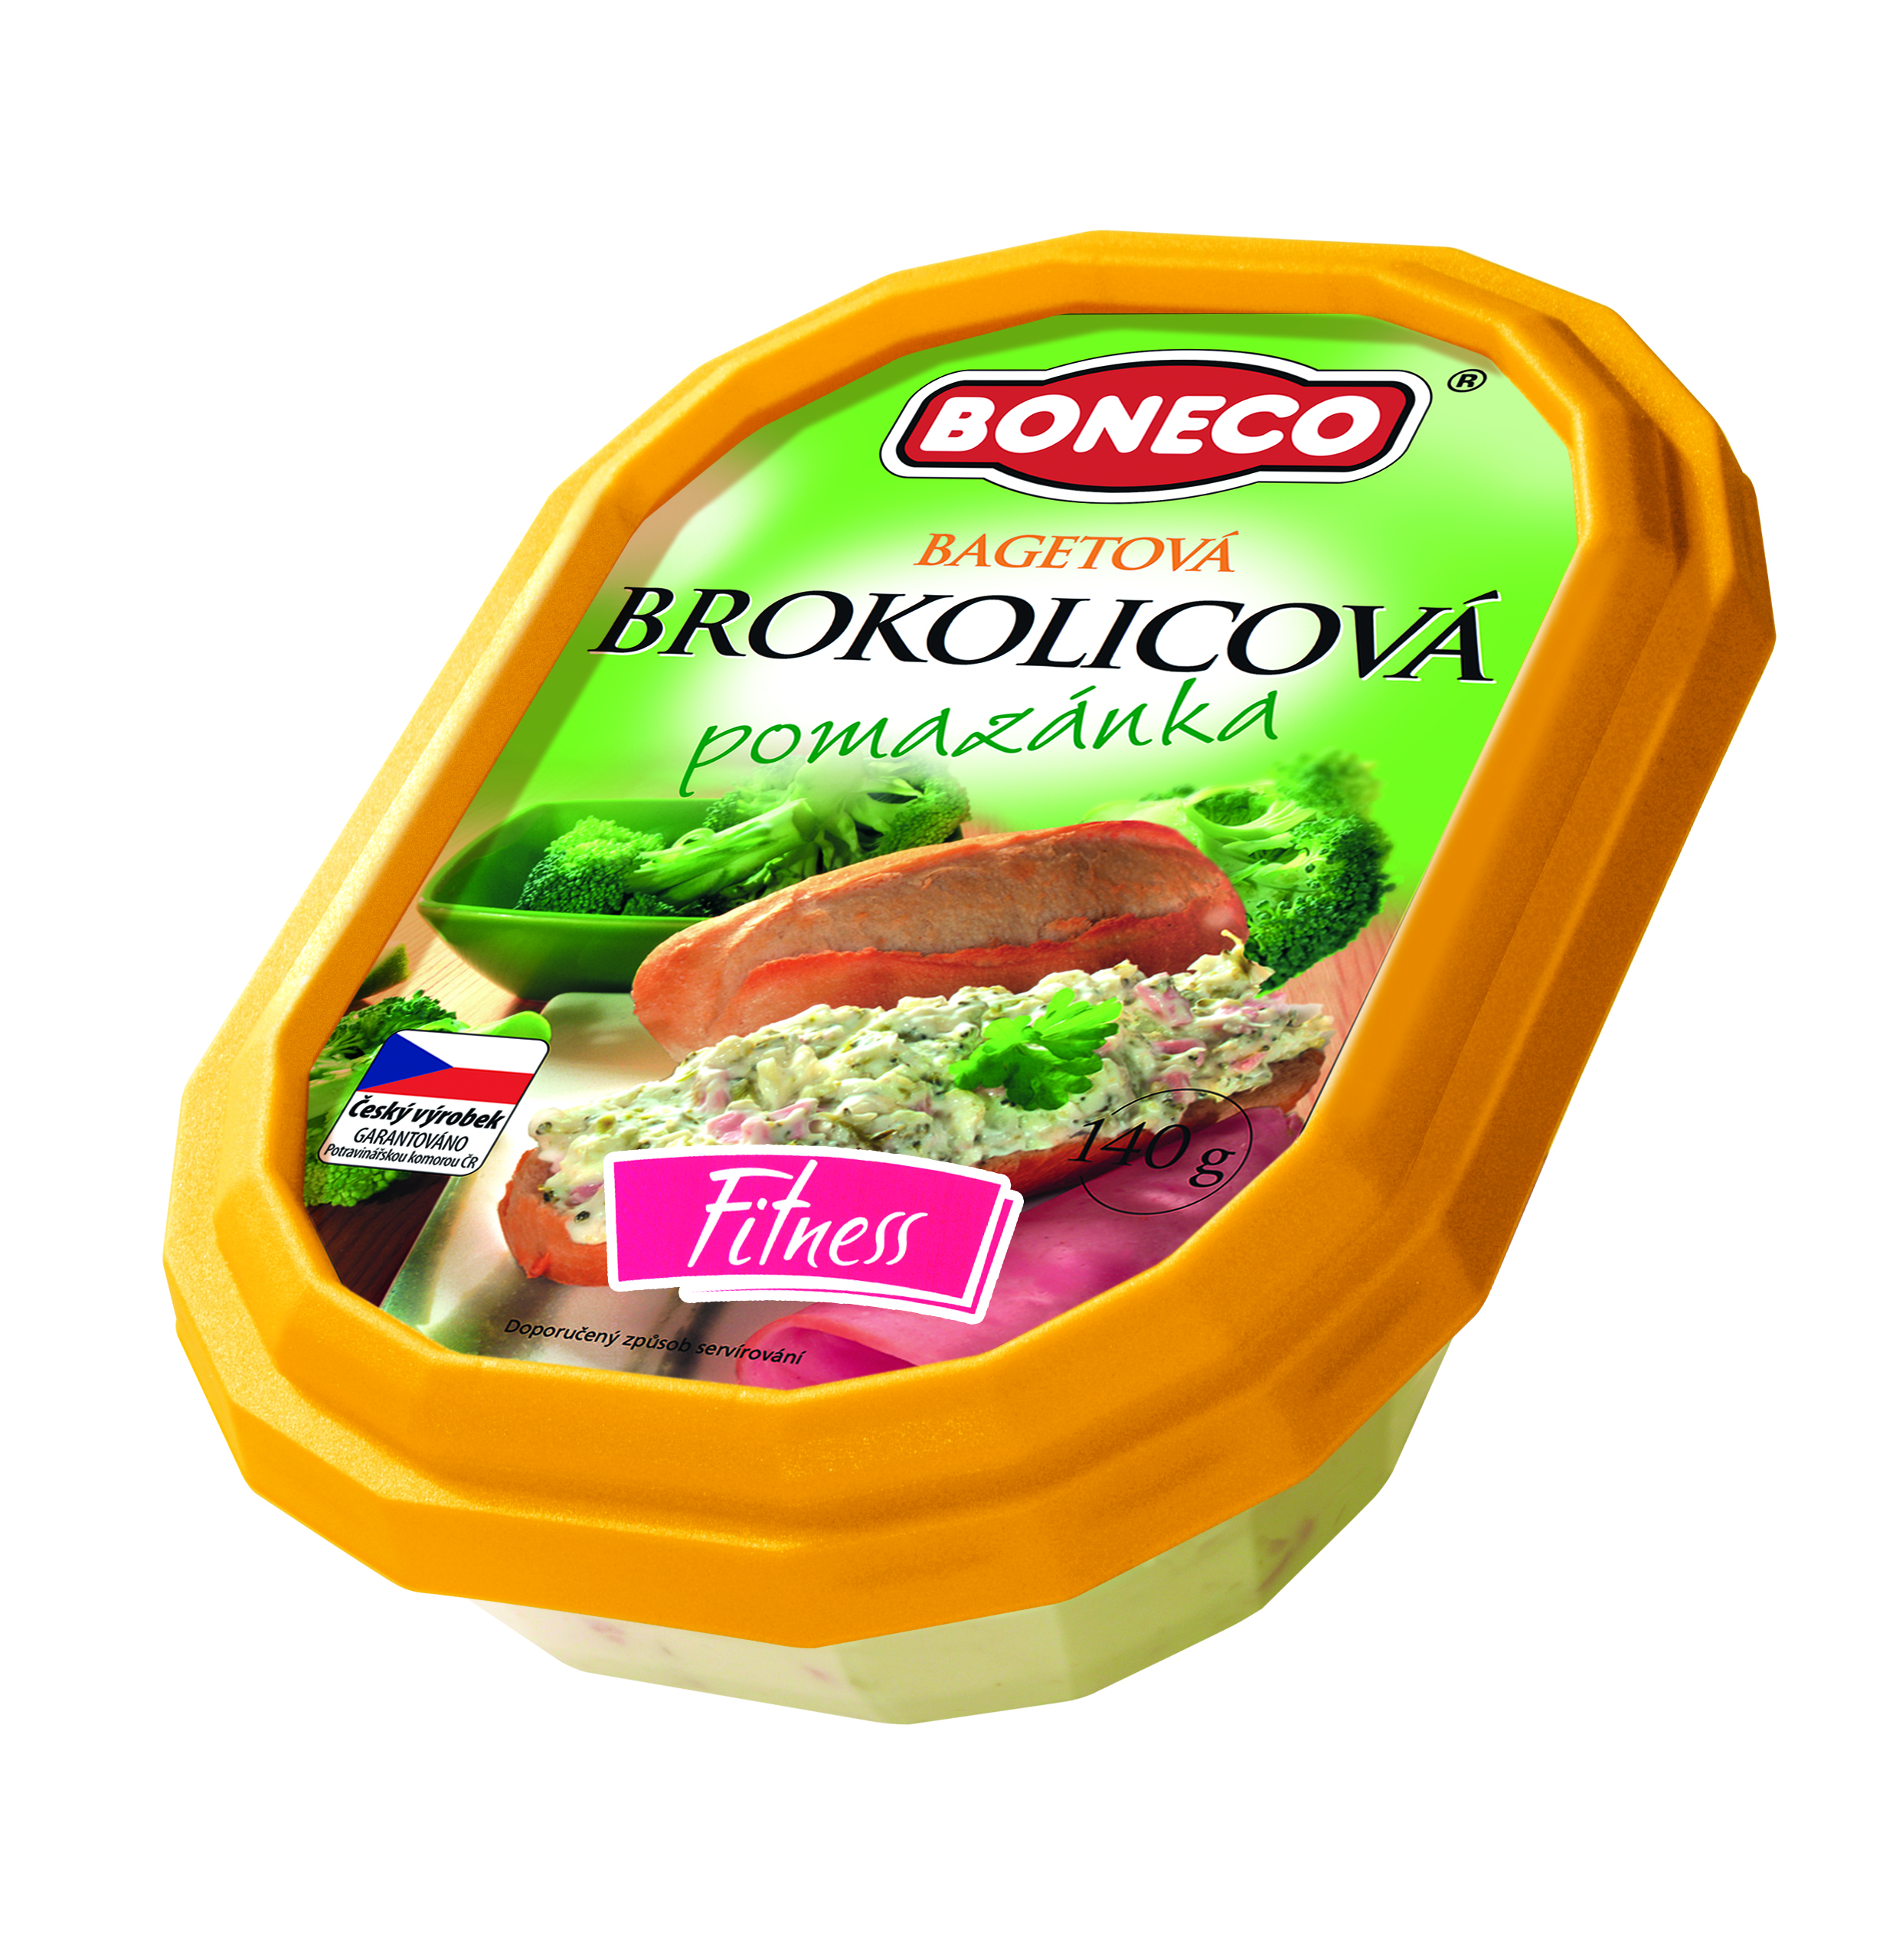 Značka Bagetová pomazánka brokolicová